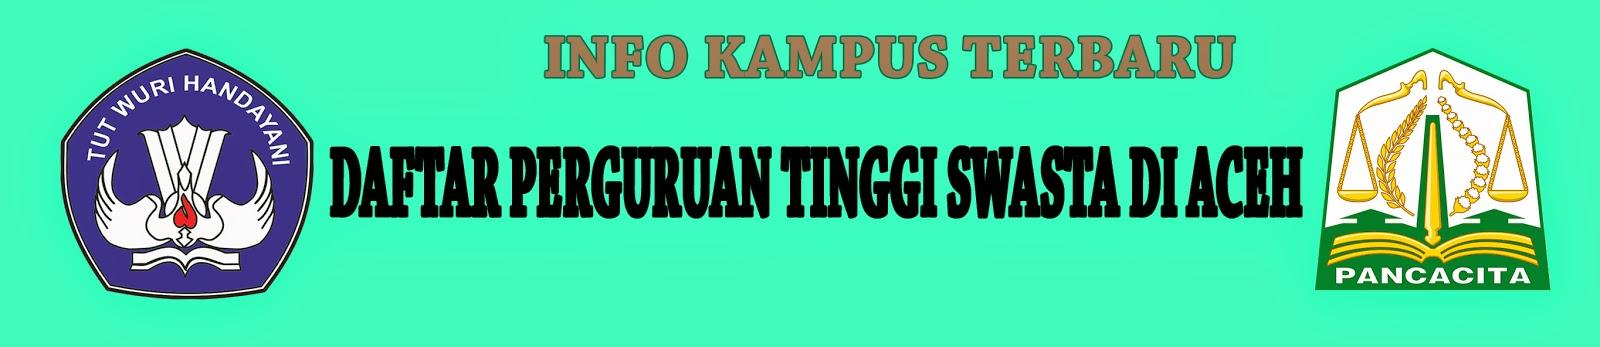 Daftar Perguruan Tinggi Swasta Di Aceh